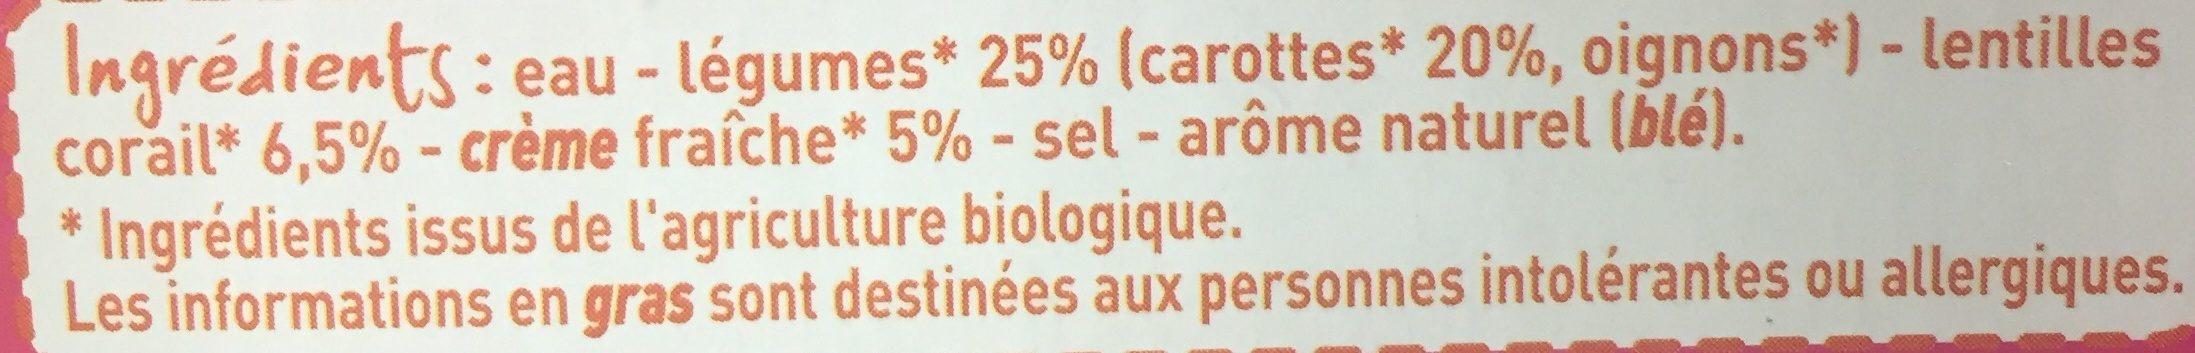 Velouté de carottes et lentilles corail à la crème fraiche - Ingrediënten